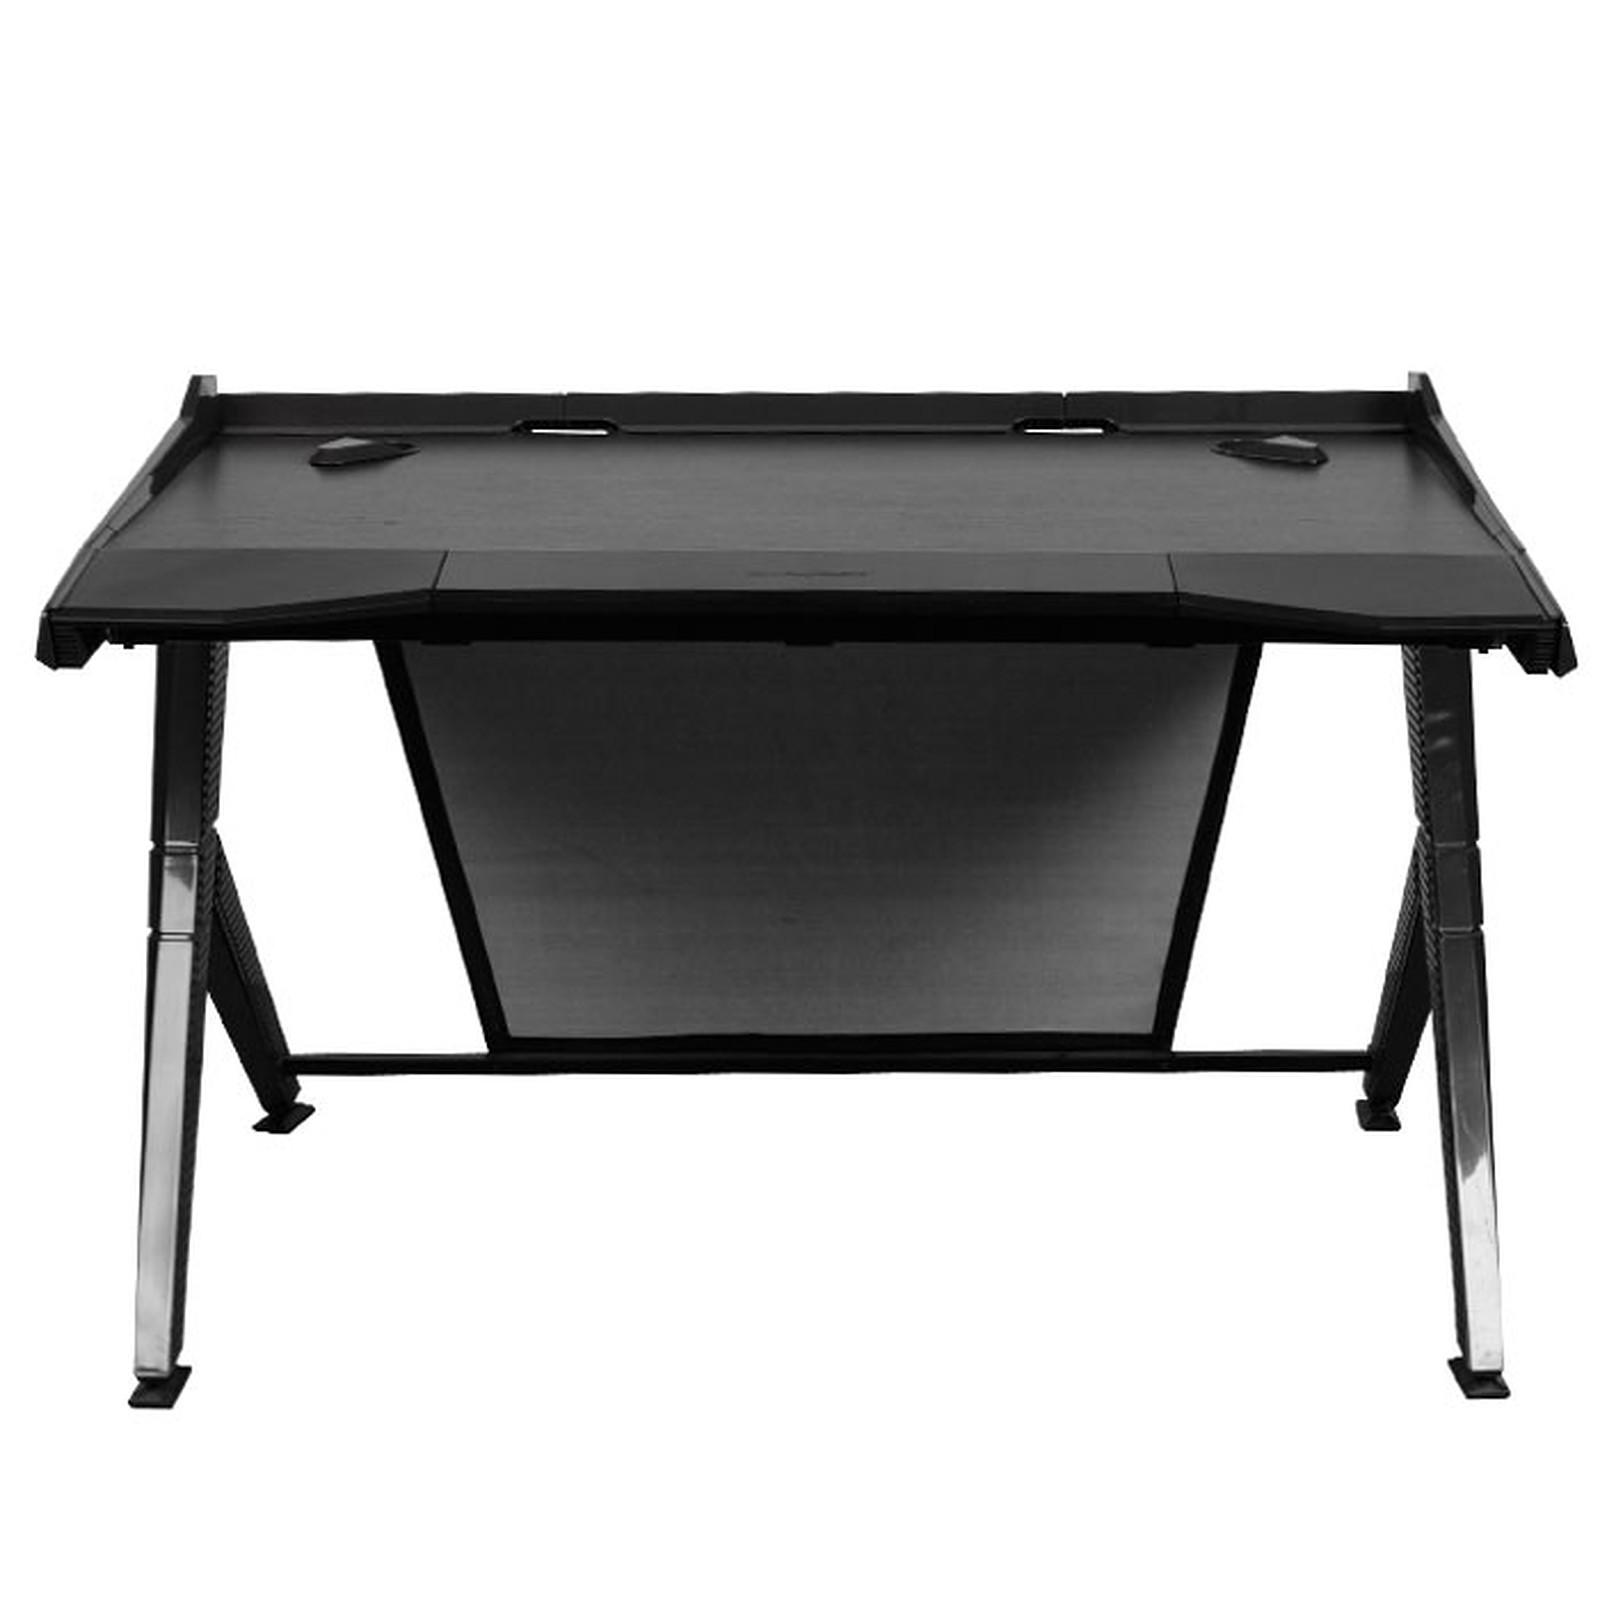 Dxracer gaming desk noir meuble ordinateur dxracer sur - Meuble ordinateur ...